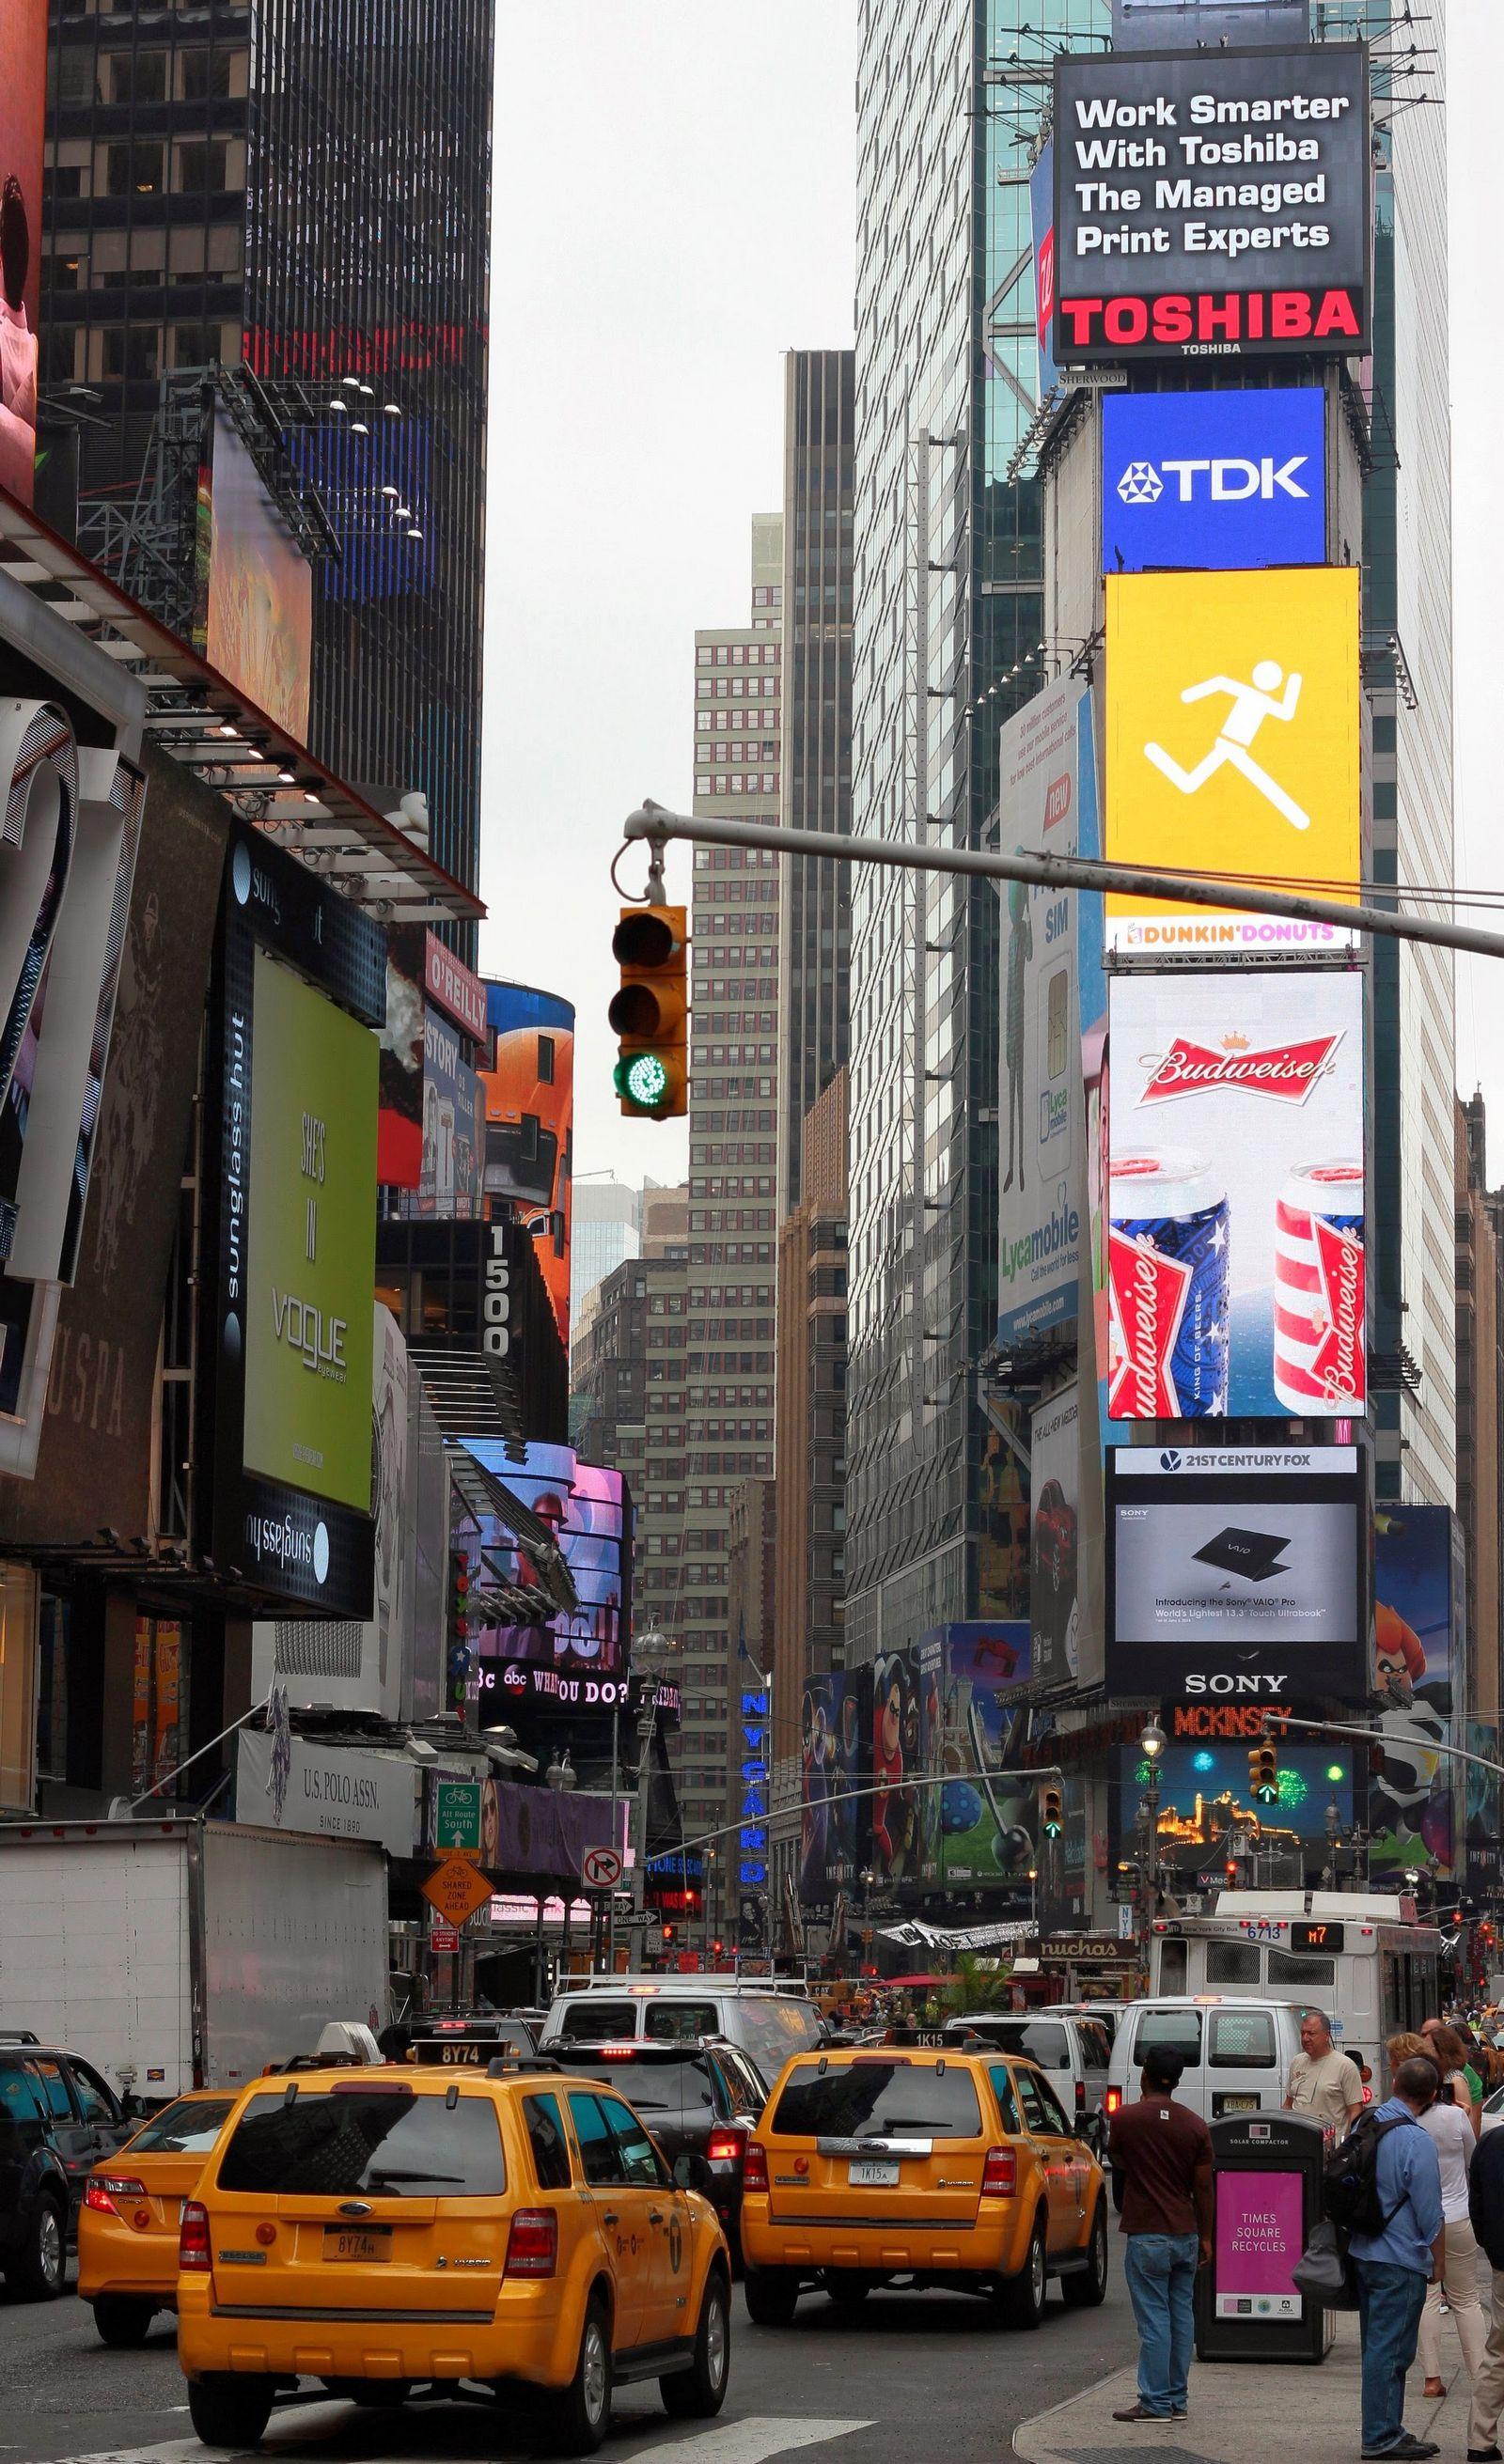 ¿Taxis? ¿En Times Square? Raro, raro...